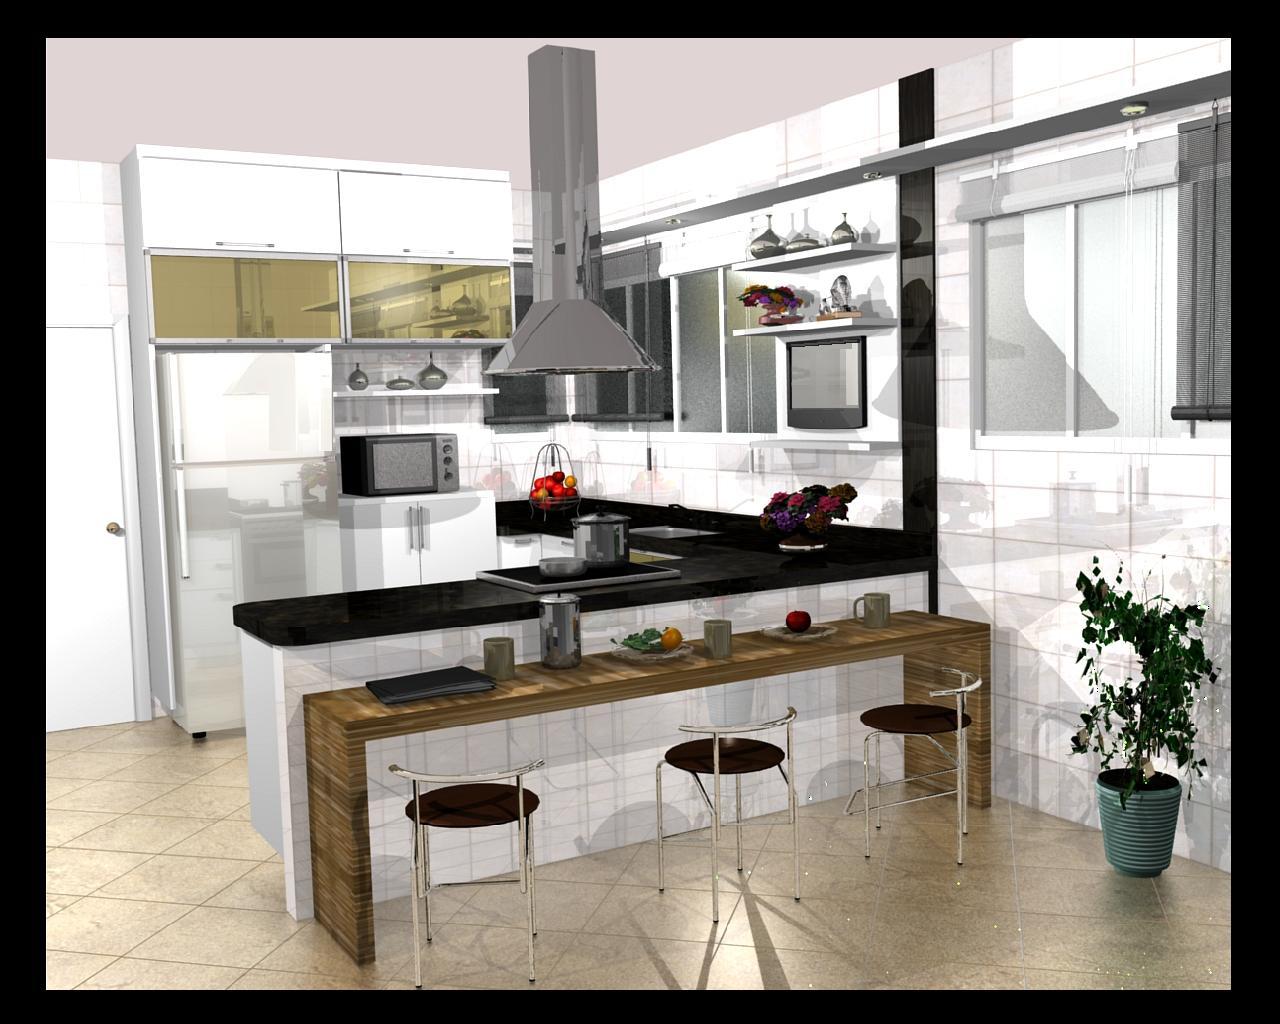 #61492D Cozinhas planejadas: Cozinhas pequenas planejadas 1280x1024 px Bancada De Granito Para Cozinha Americana Preço_2423 Imagens